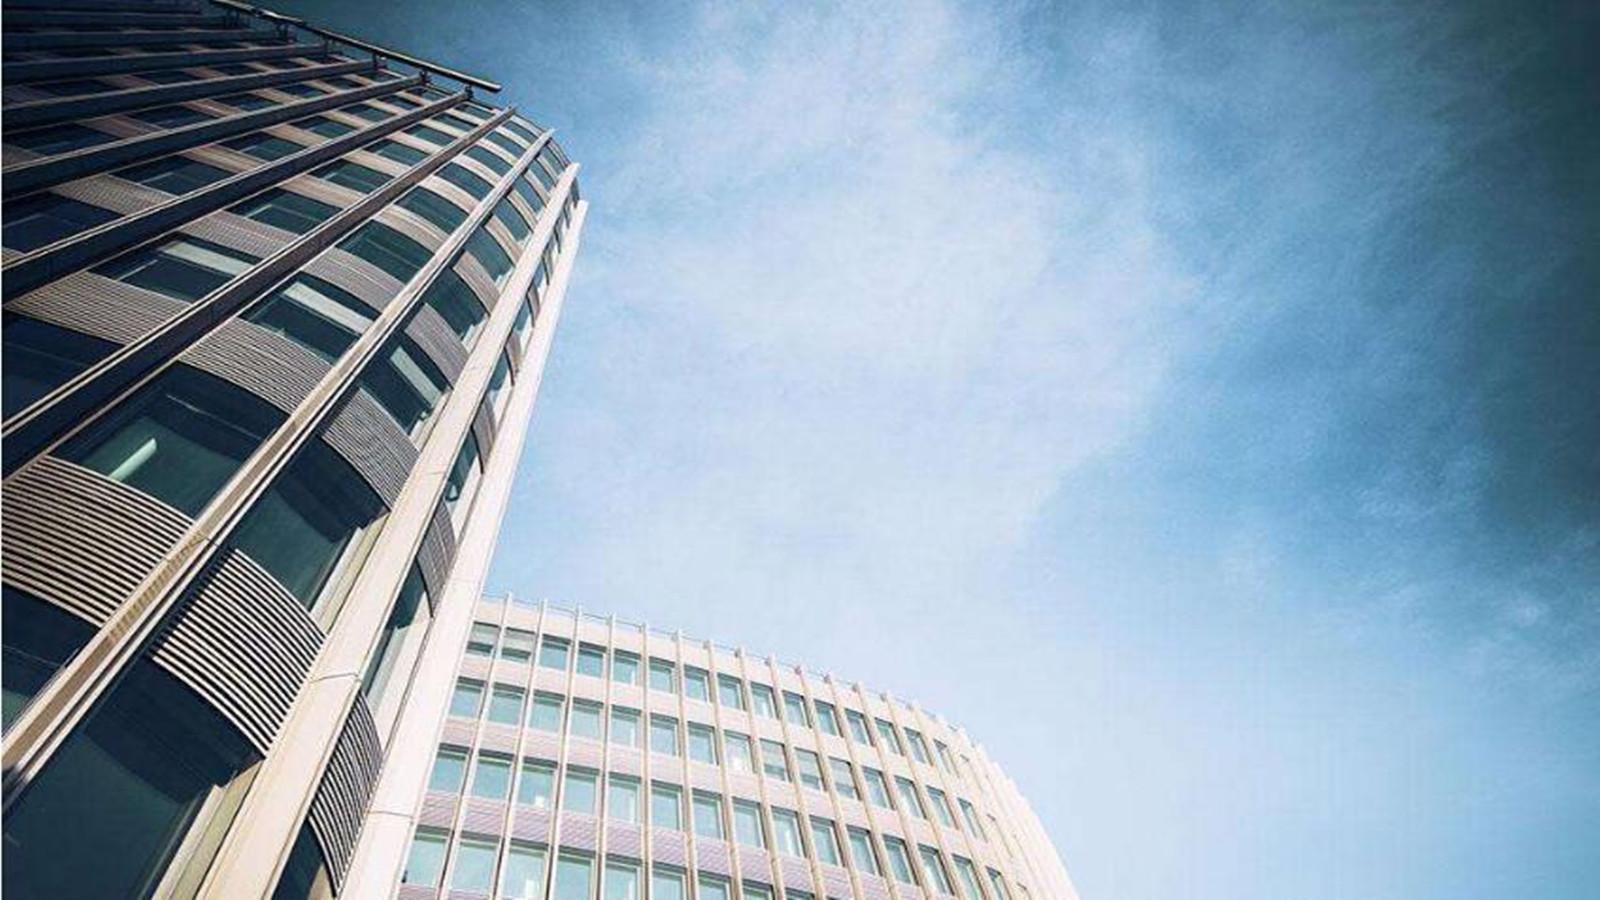 无机保温材料应用在节能建筑中的优势